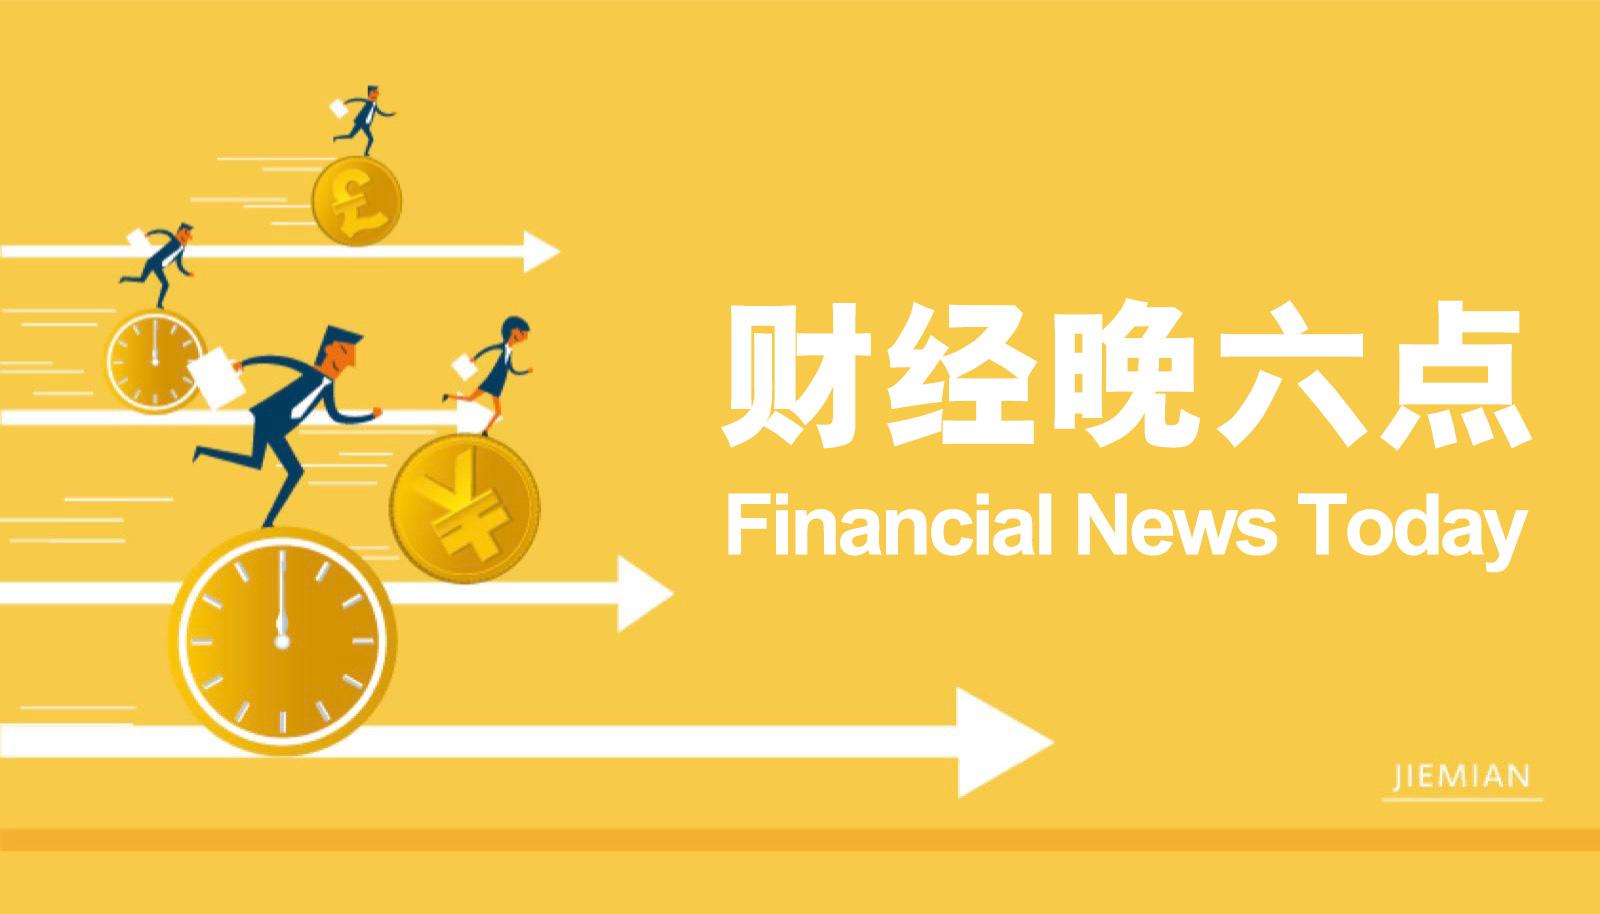 凤凰城招商主管958337国储拟抛铜铝锌 深圳提出常住人口控制在1900万   财经晚6点